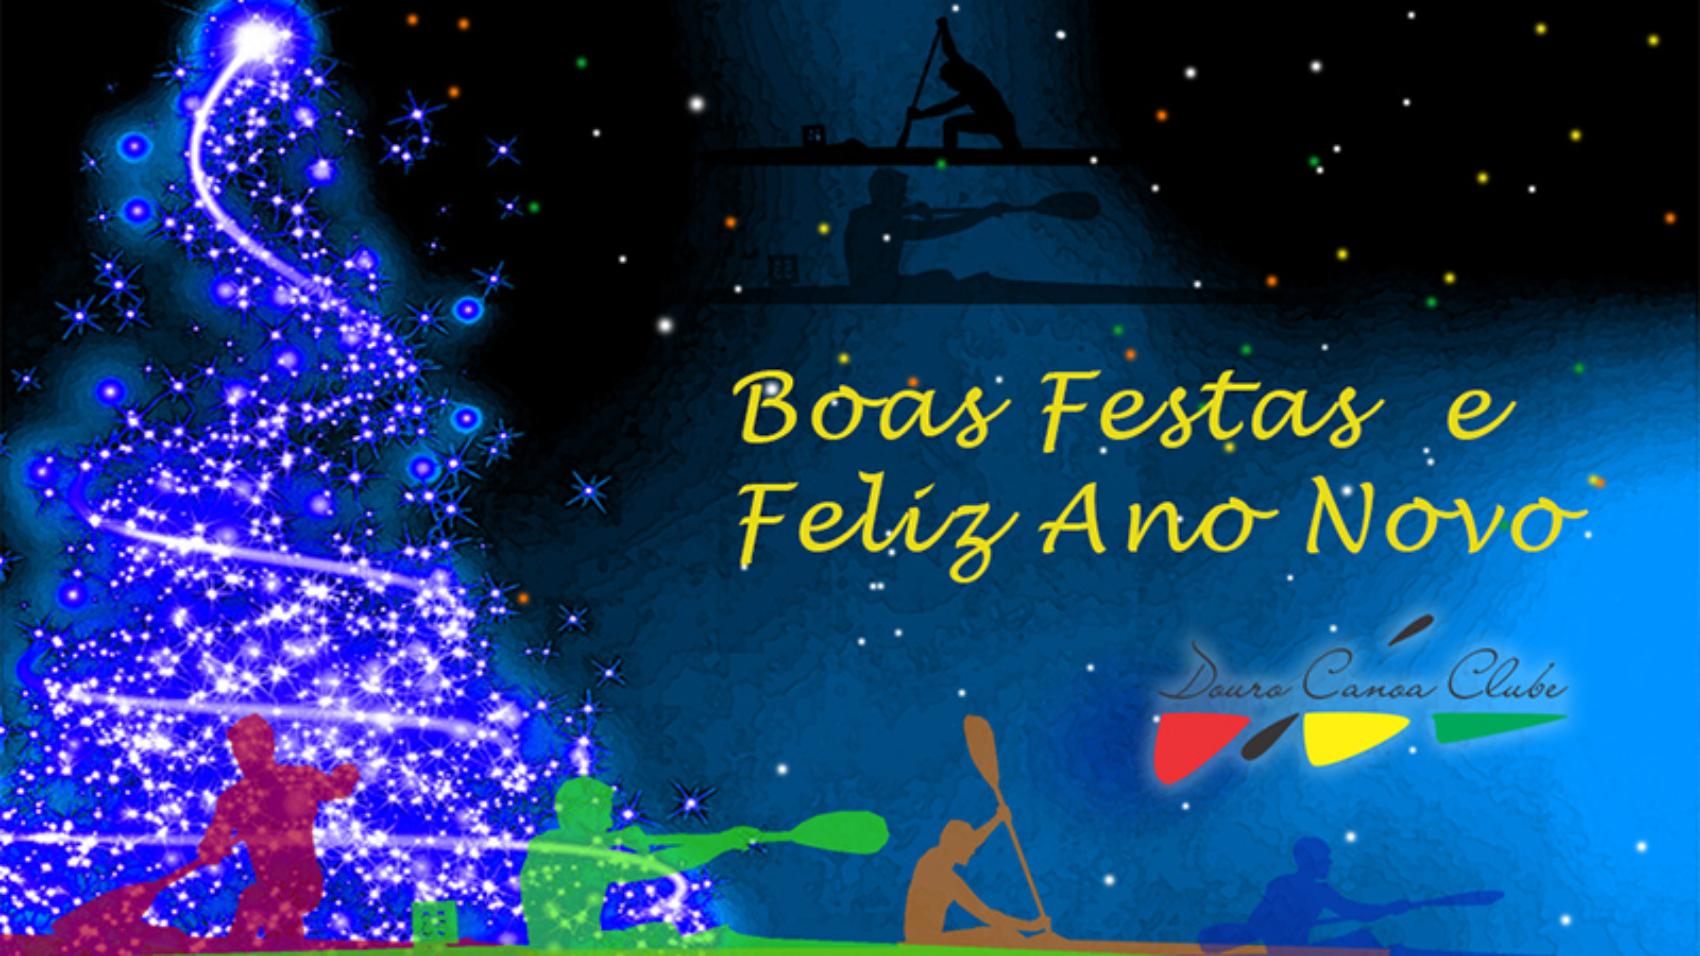 Boas Festas blog Divulgação Douro Canoa Clube 1